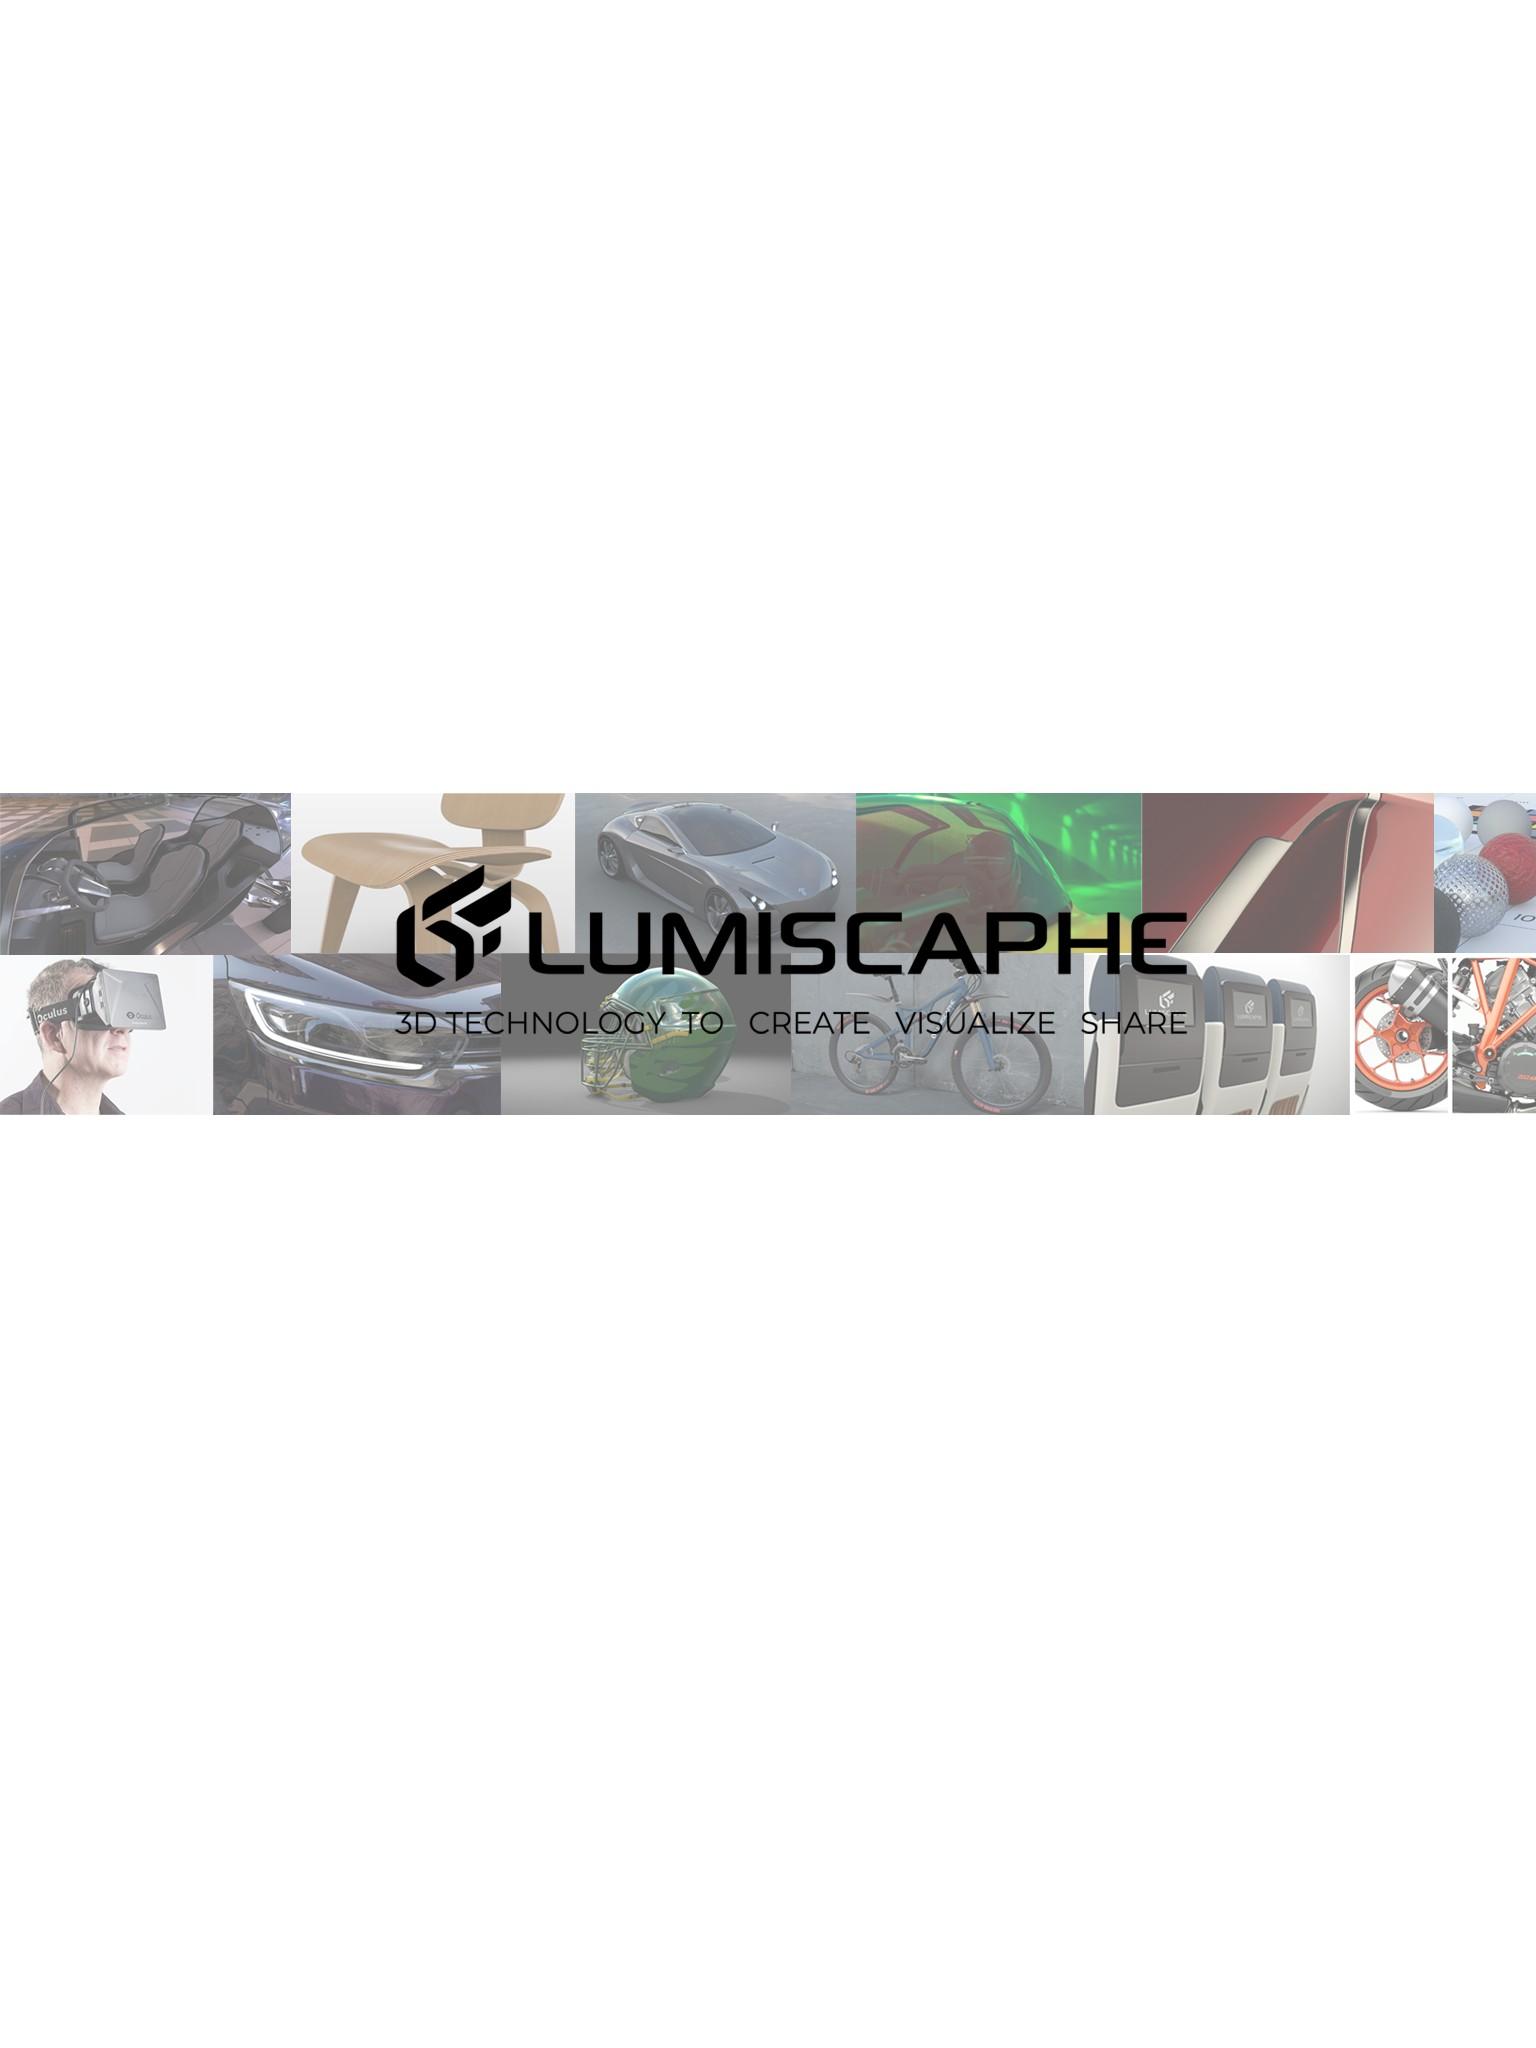 Lumiscaphe | LinkedIn